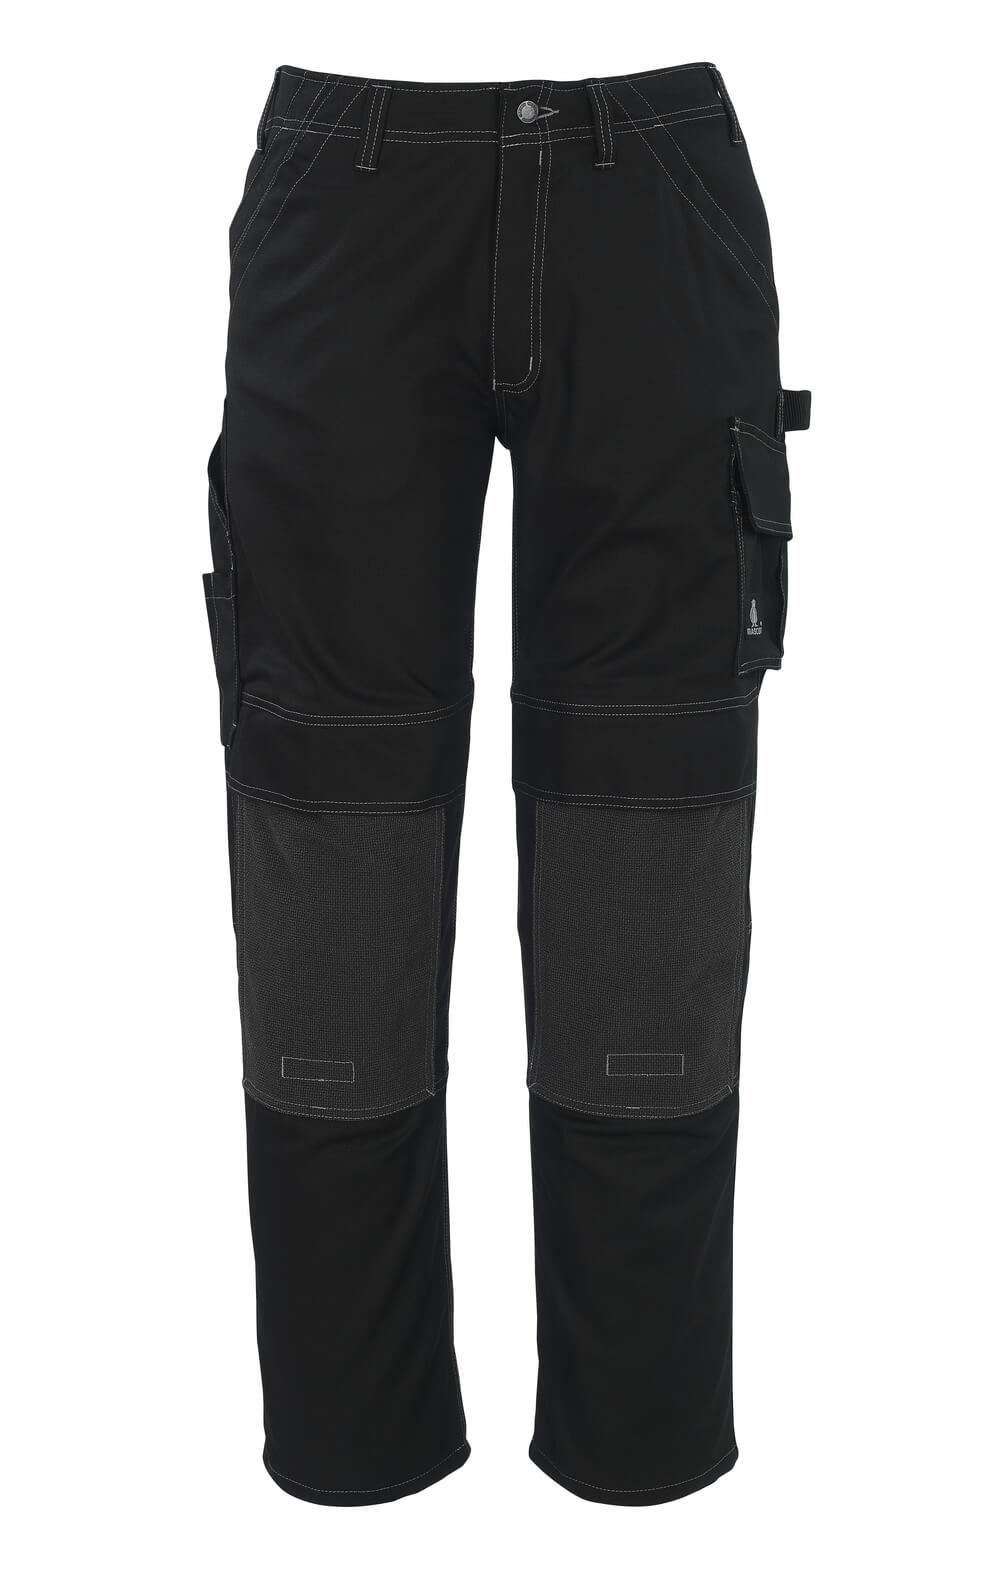 05079-010-09 Bukser med knelommer - svart